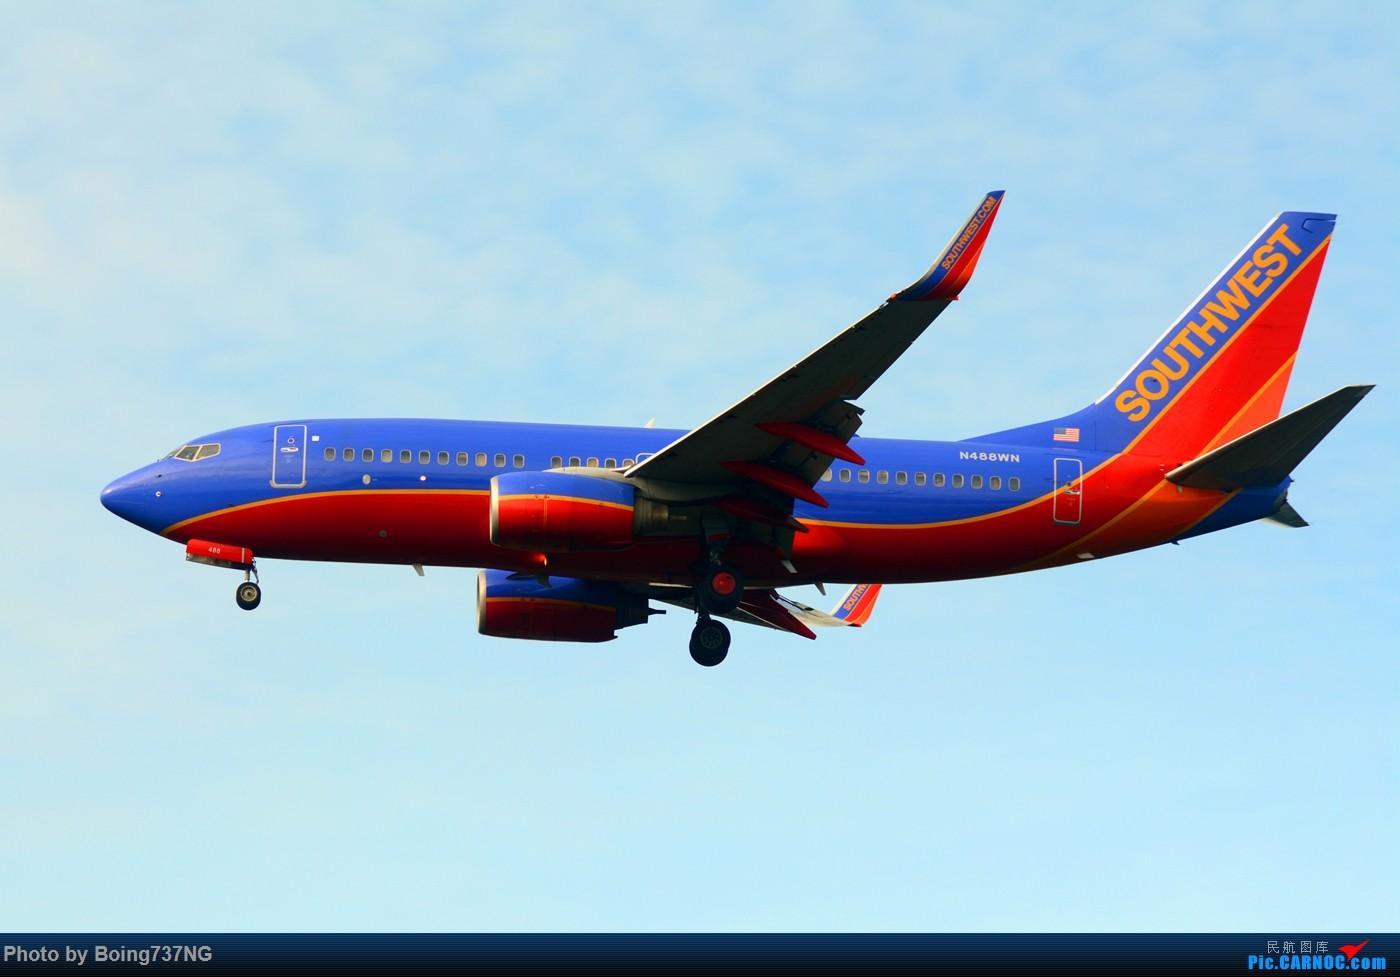 Re:[原创]【SEA-TAC】人生第一次的拍机收获 BOEING 737-700 N488WN 美国西雅图机场